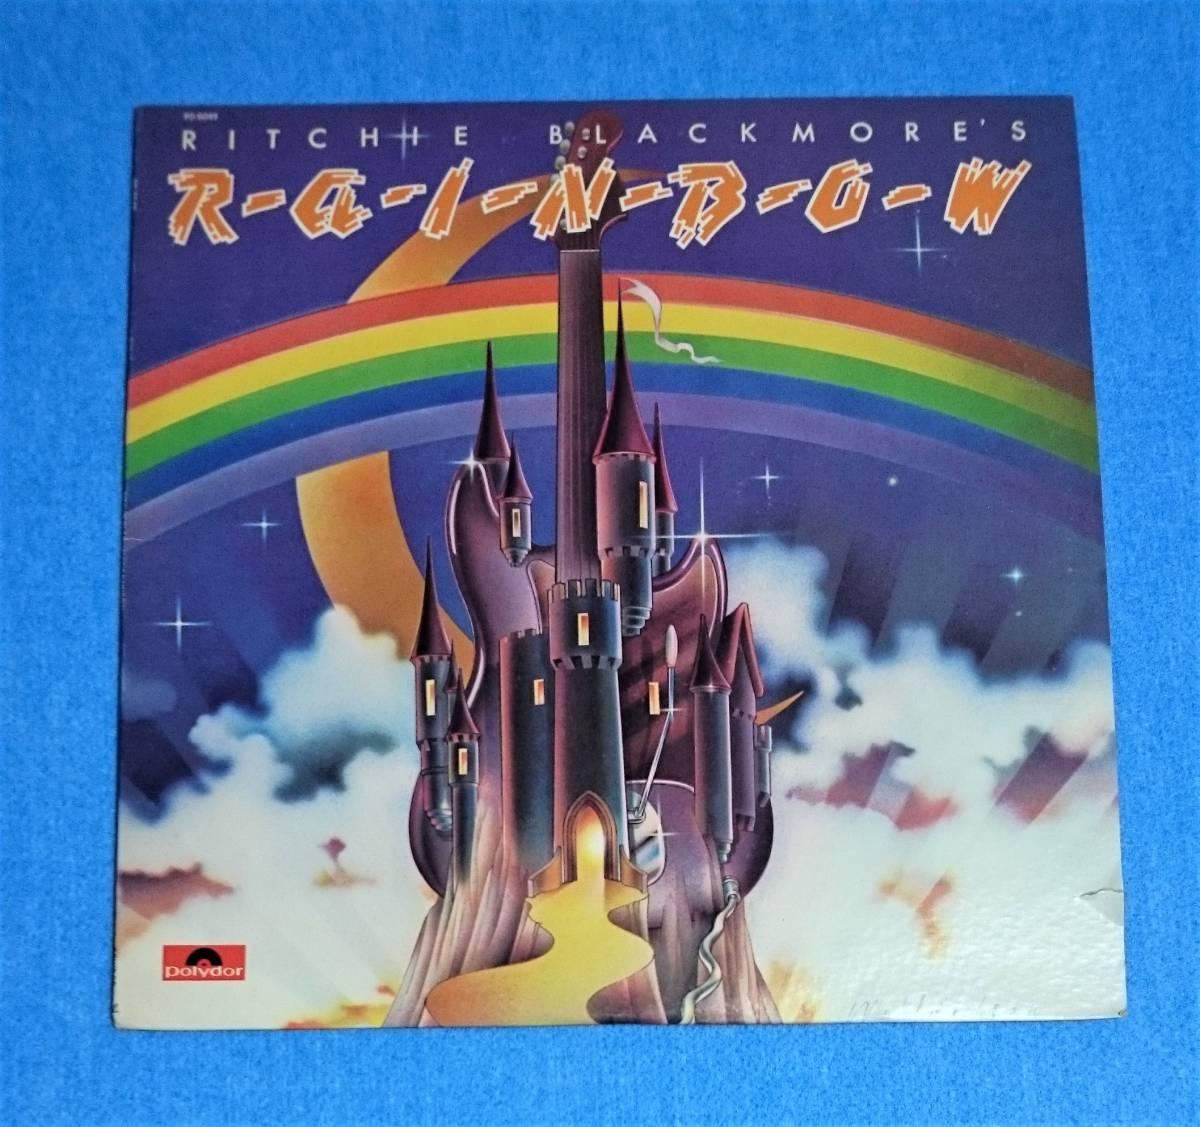 アメリカ盤LP■レインボー RAINBOW / RITCHIE BLACKMORE'S RAINBOW■再生確認済■邦題:銀嶺の覇者■リッチー・ブラックモアズ・レインボー_画像1